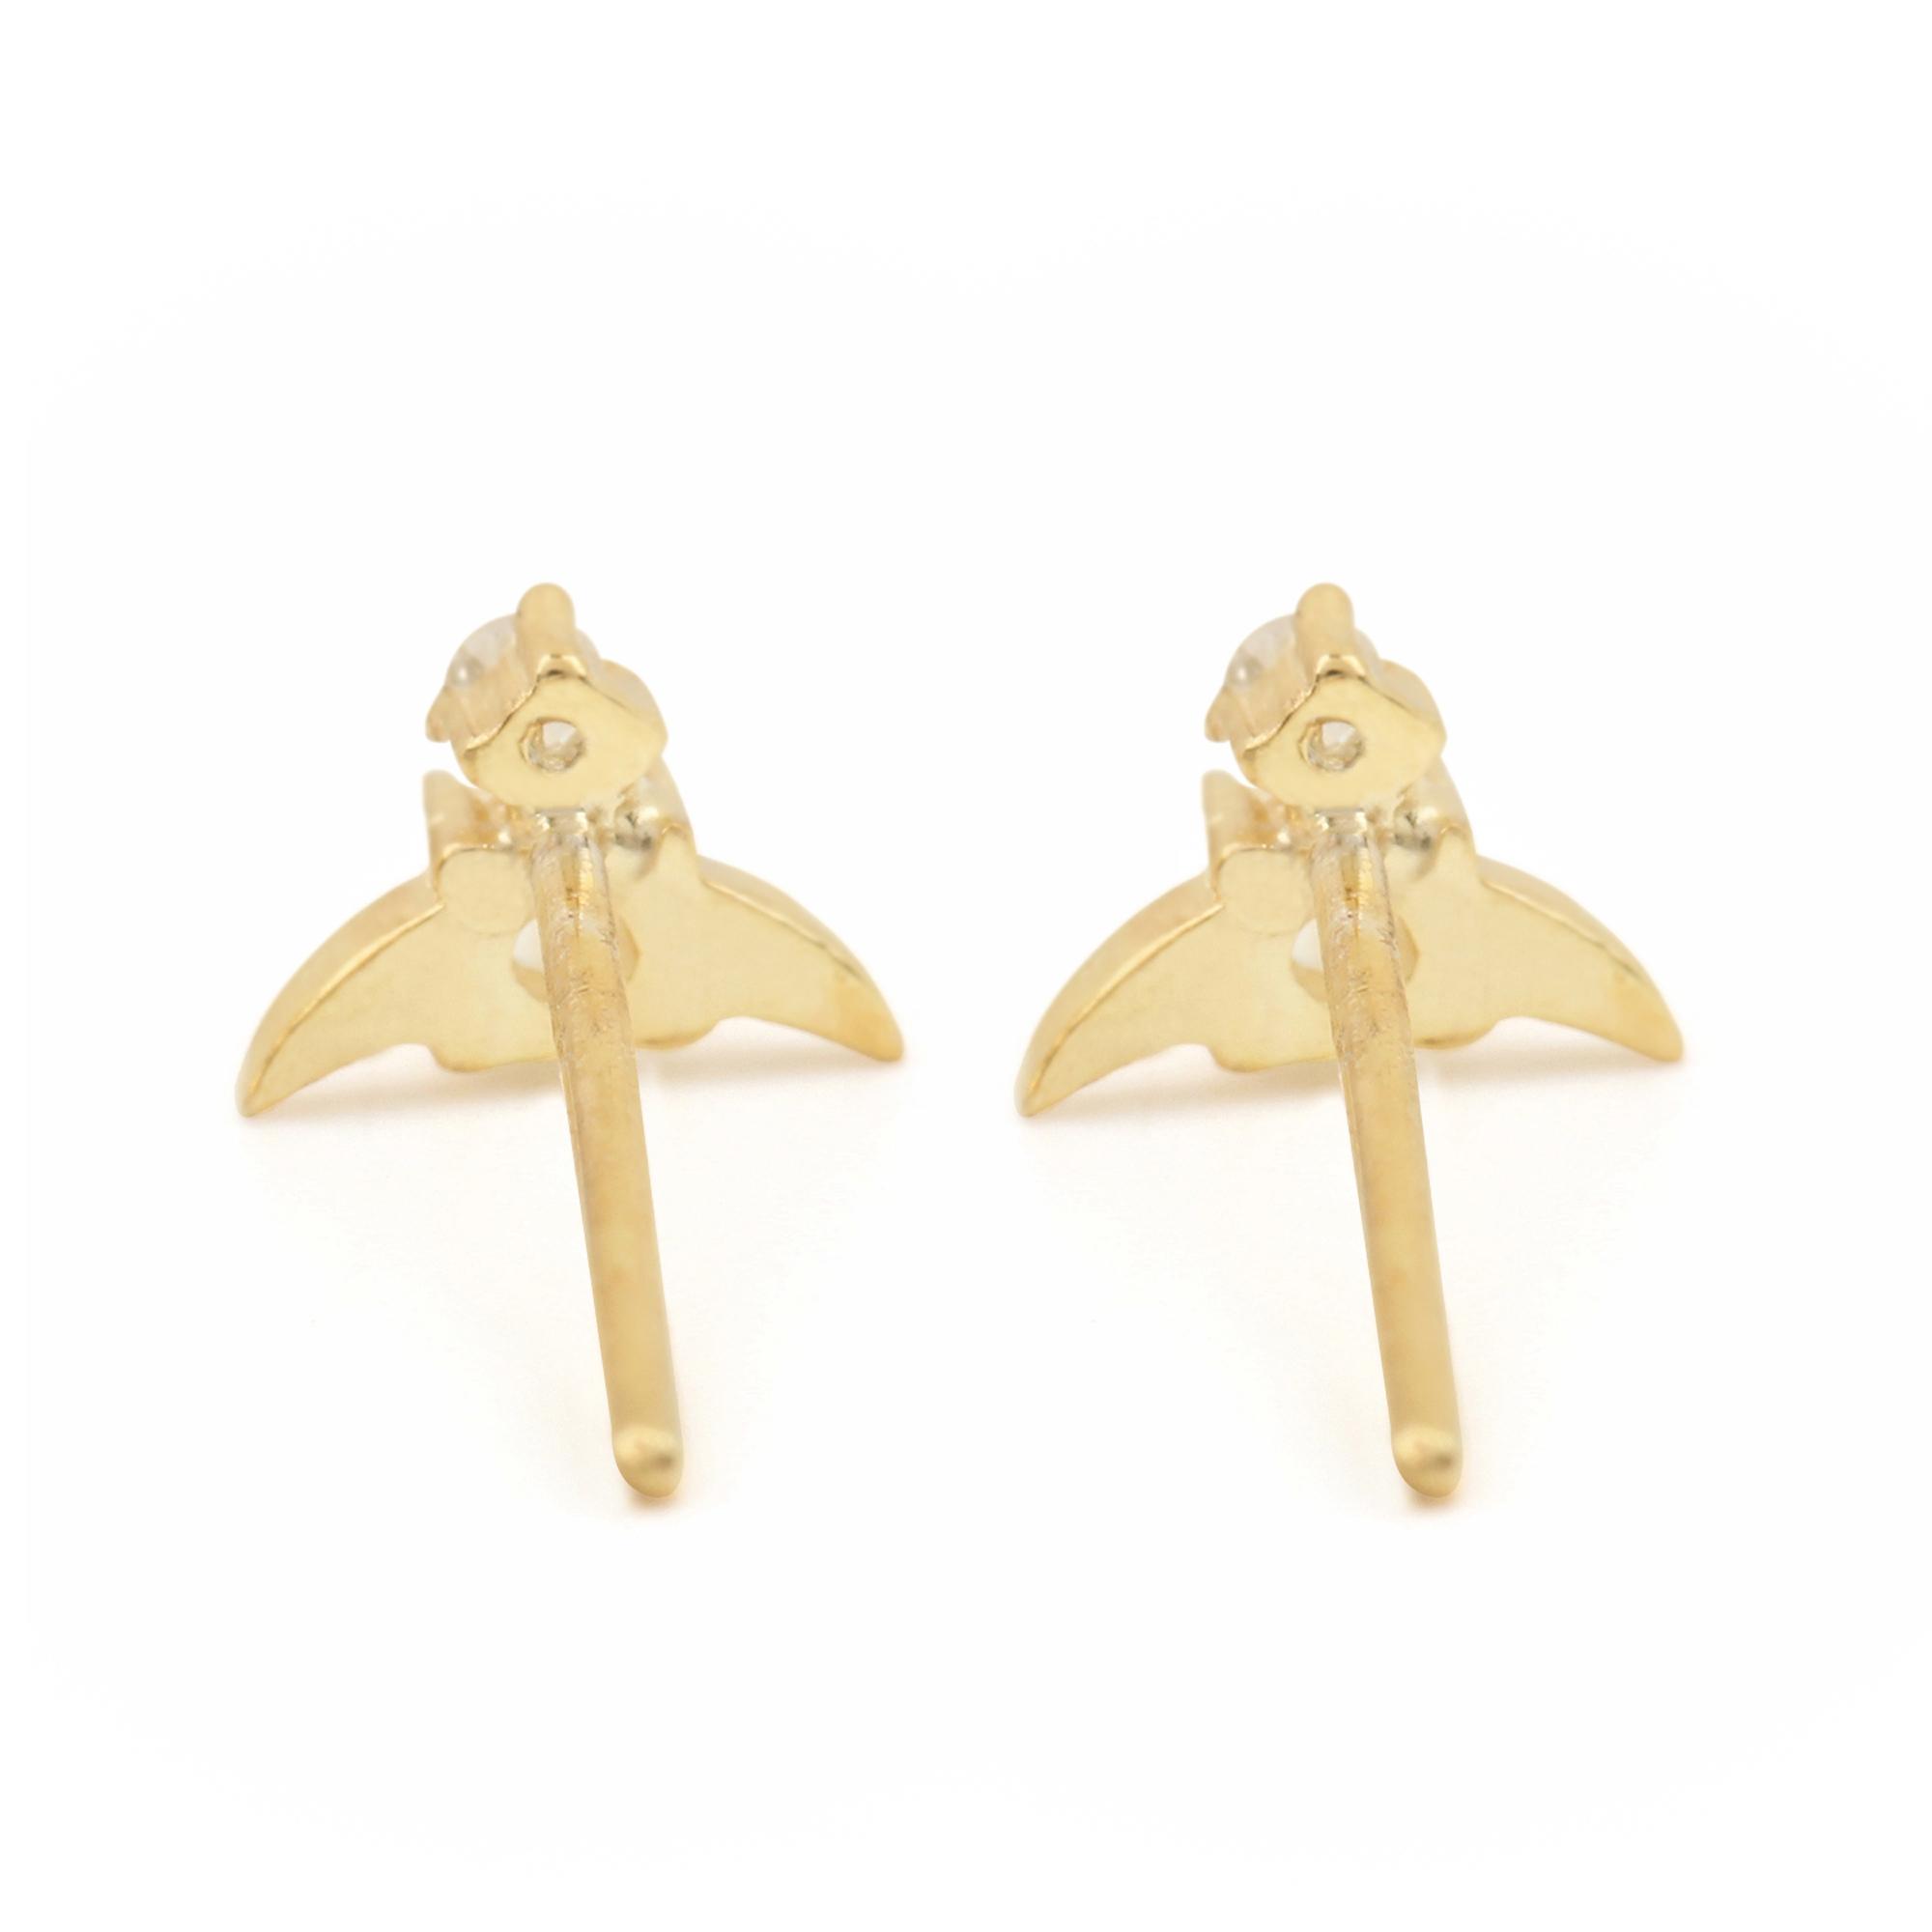 Natural Diamond 14k Solid Gold Rainbow Moonstone Minimalist Stud Earrings